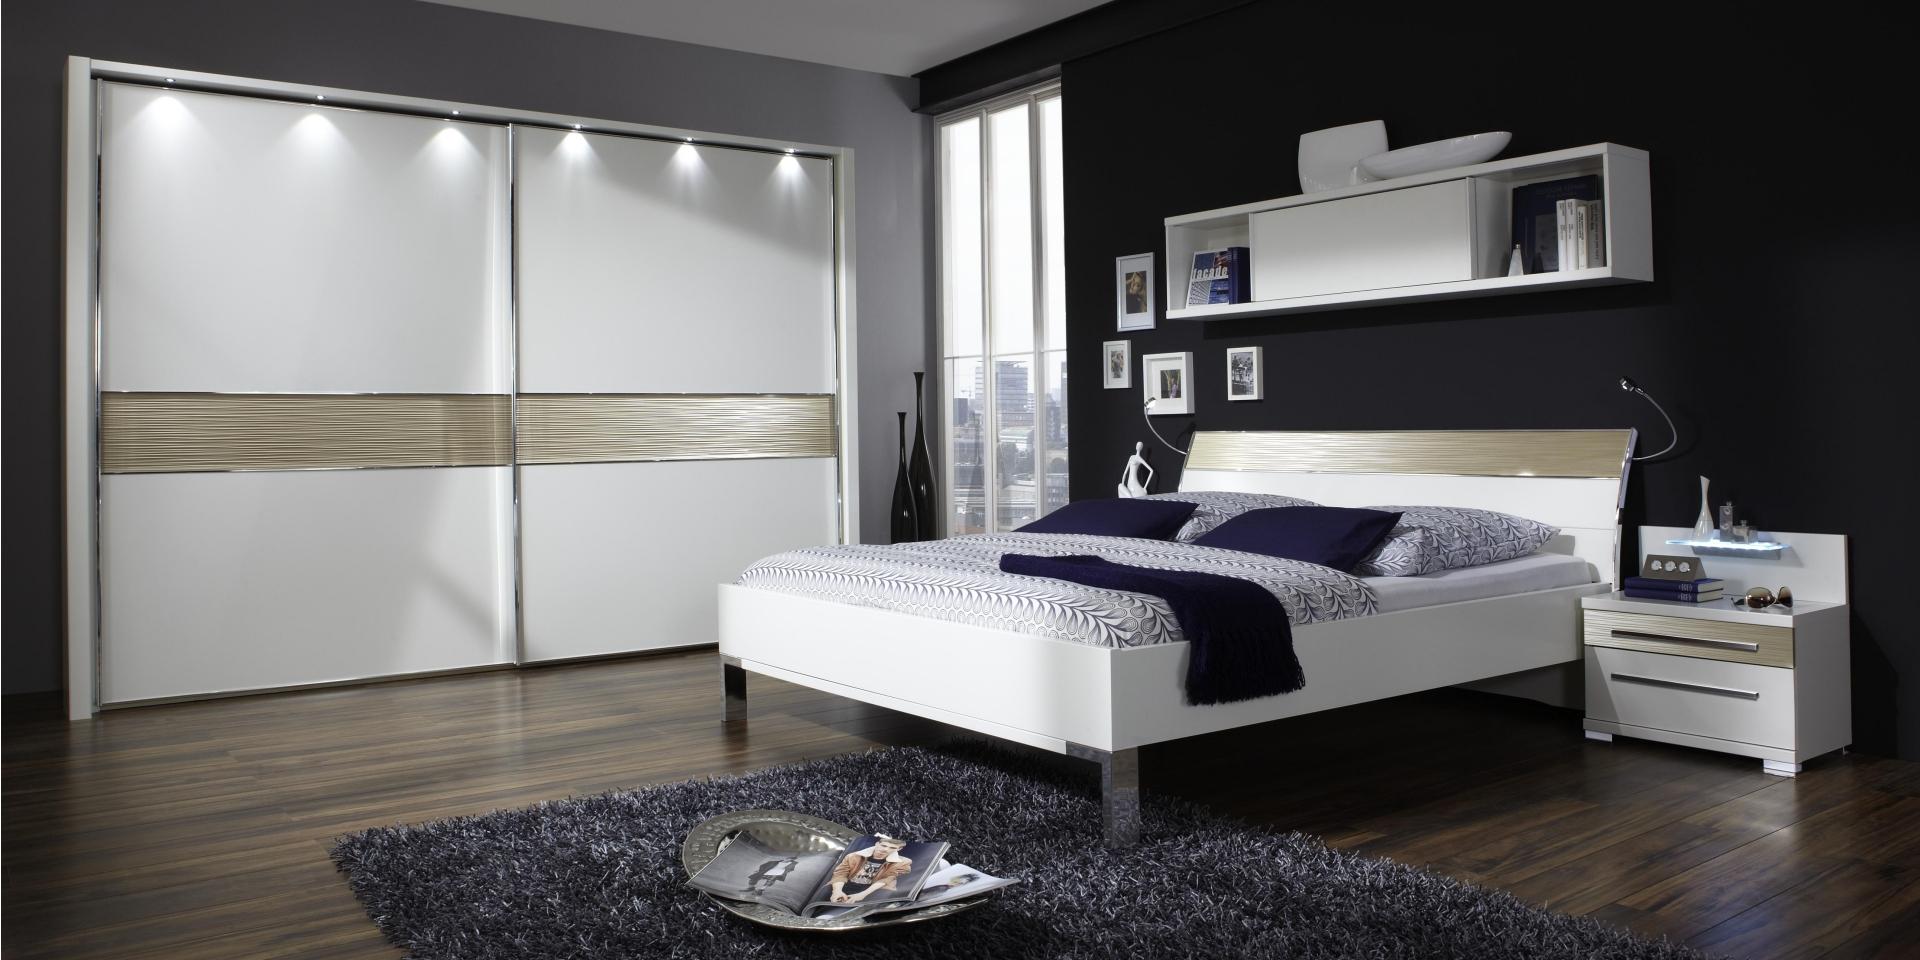 m bel fischer home. Black Bedroom Furniture Sets. Home Design Ideas